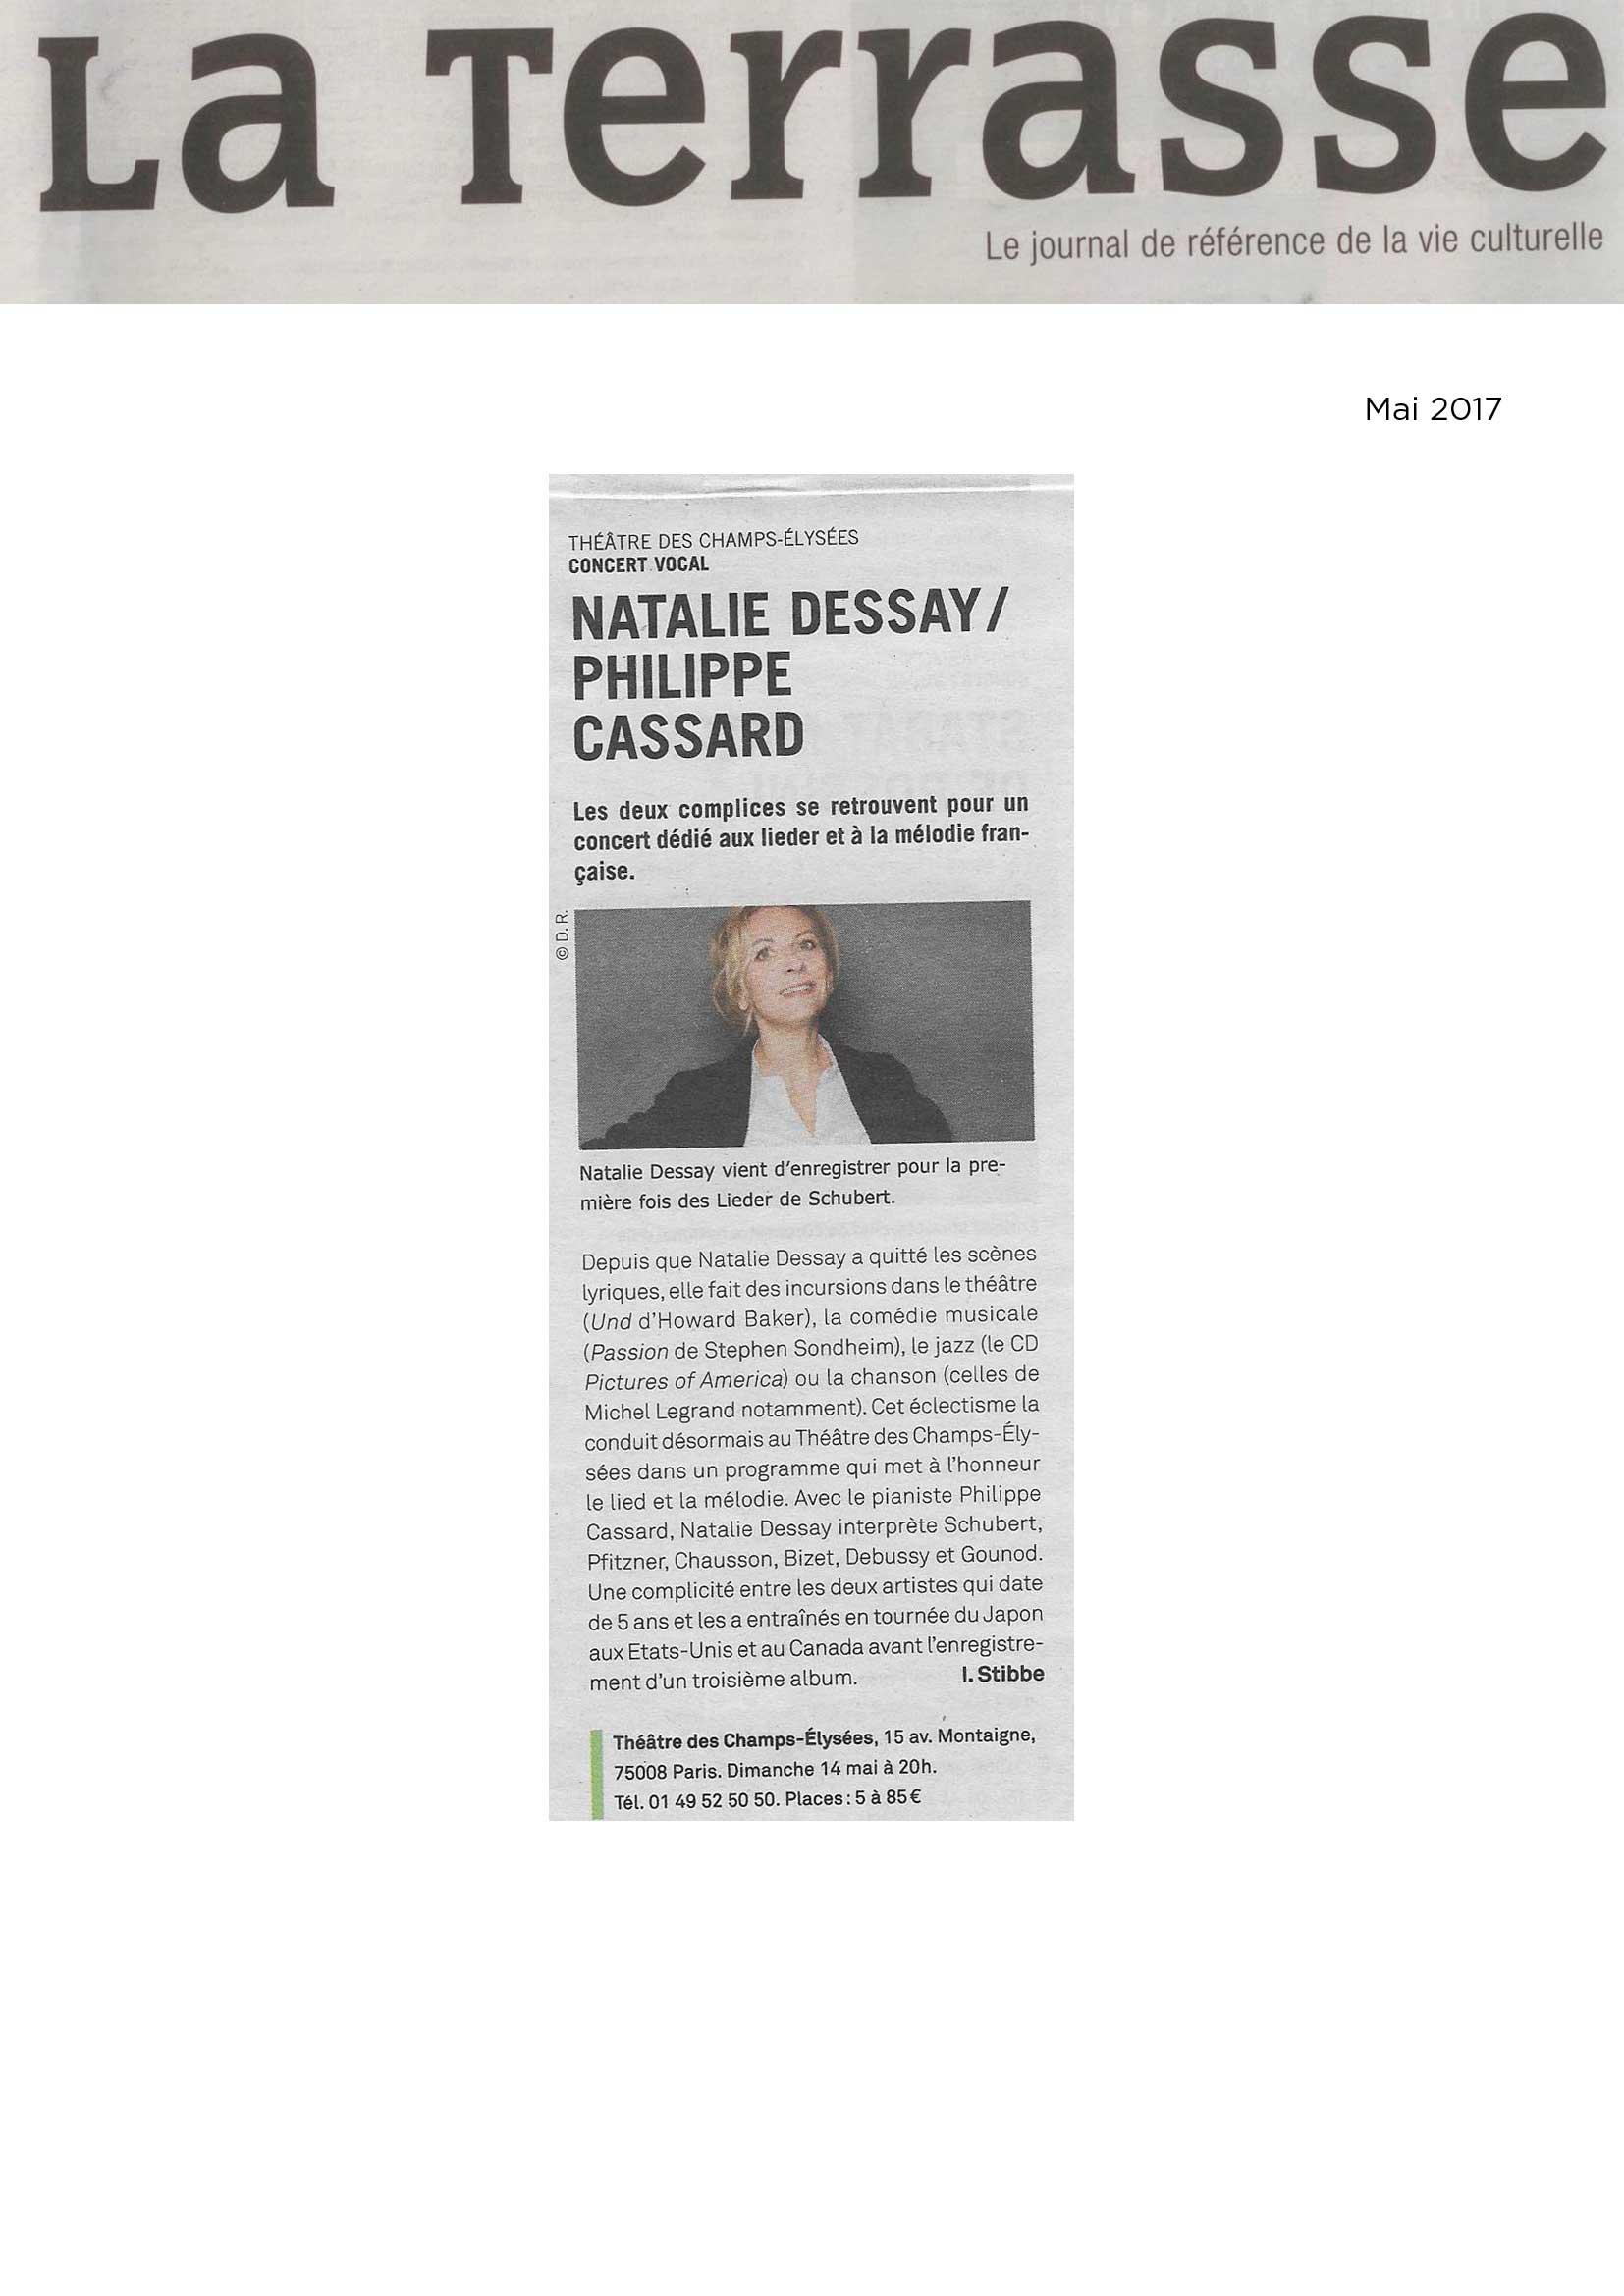 Annonce du récital de Natalie Dessay et Philippe Cassard dans le numéro de mai 2017 de La Terrasse